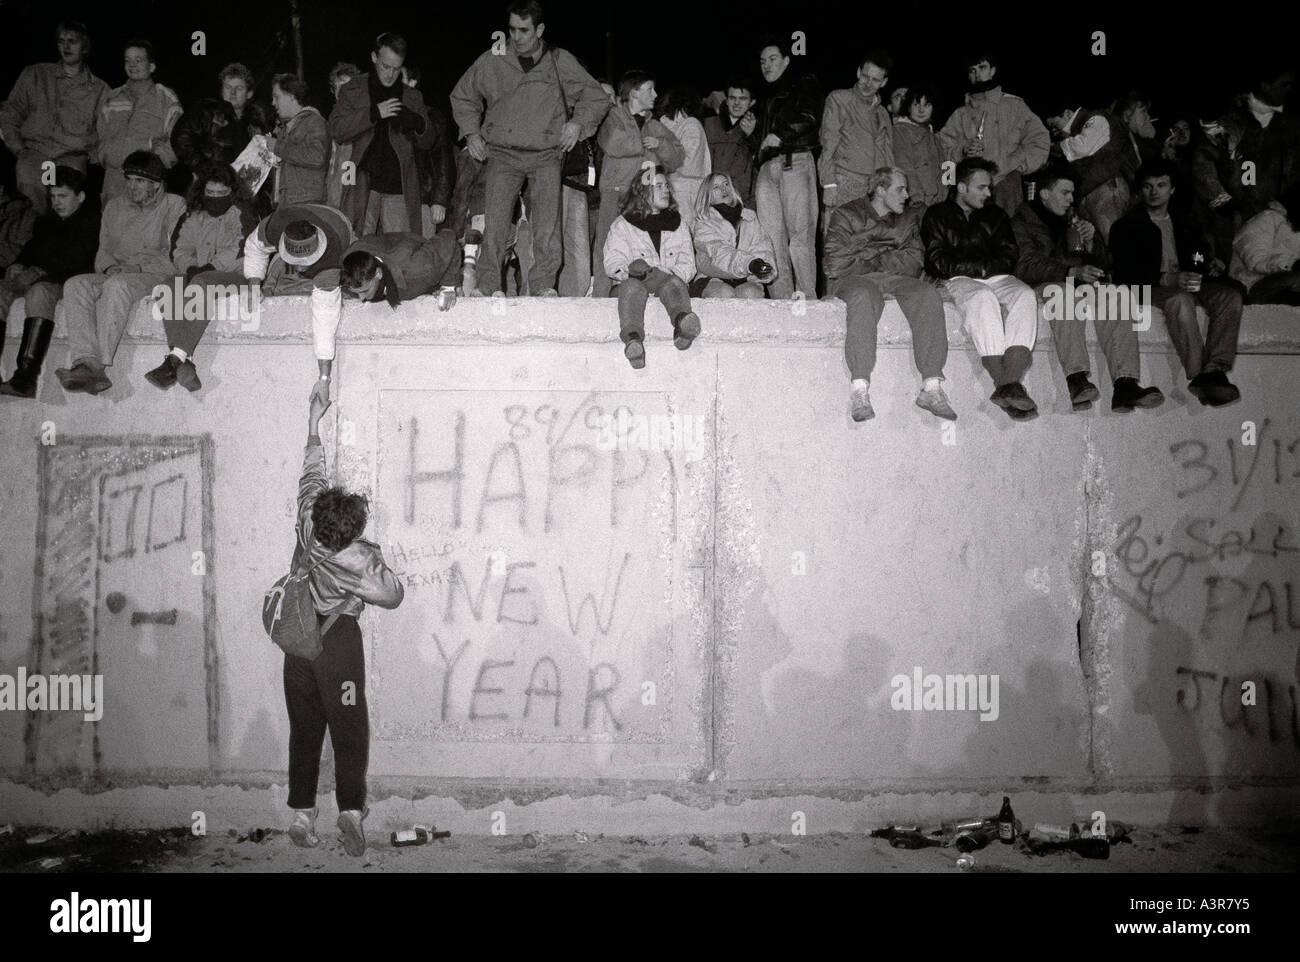 Europäische Geschichte. Silvester auf der historischen Berliner Mauer in West Berlin in Deutschland in Europa während des Kalten Krieges. Stockbild